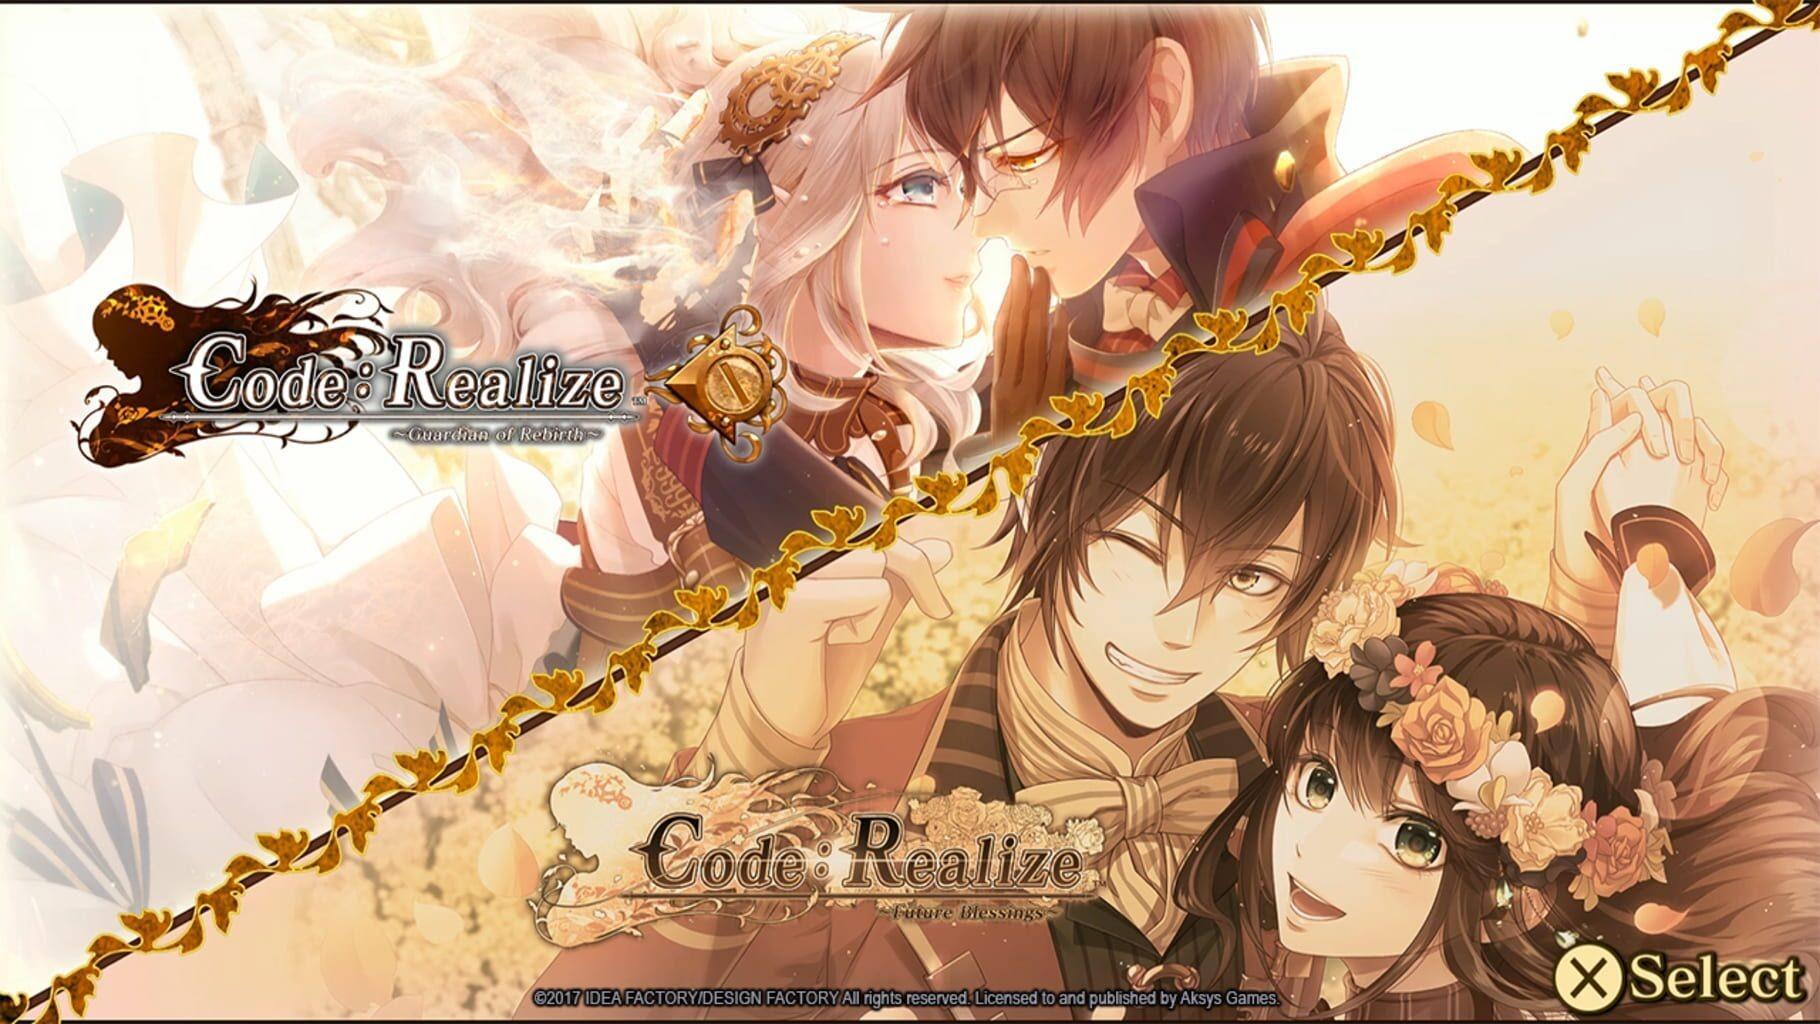 [补链]Code: Realize ~白银的奇迹~(Code: Realize ~Wintertide Miracles~)插图4